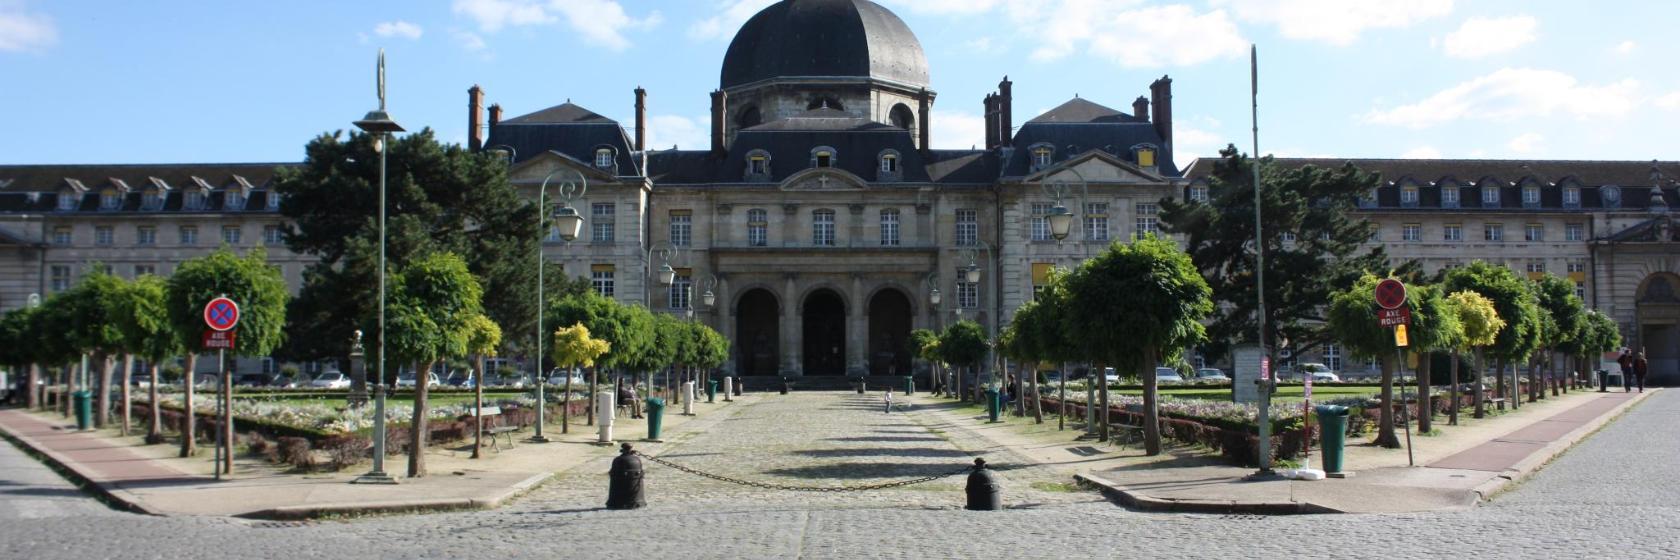 Libertel Austerlitz Jardin Des Plantes Beau Najlepsze Hotele W Pobliżu Miejsca Szpital Salpªtri¨re W Of 66 Élégant Libertel Austerlitz Jardin Des Plantes